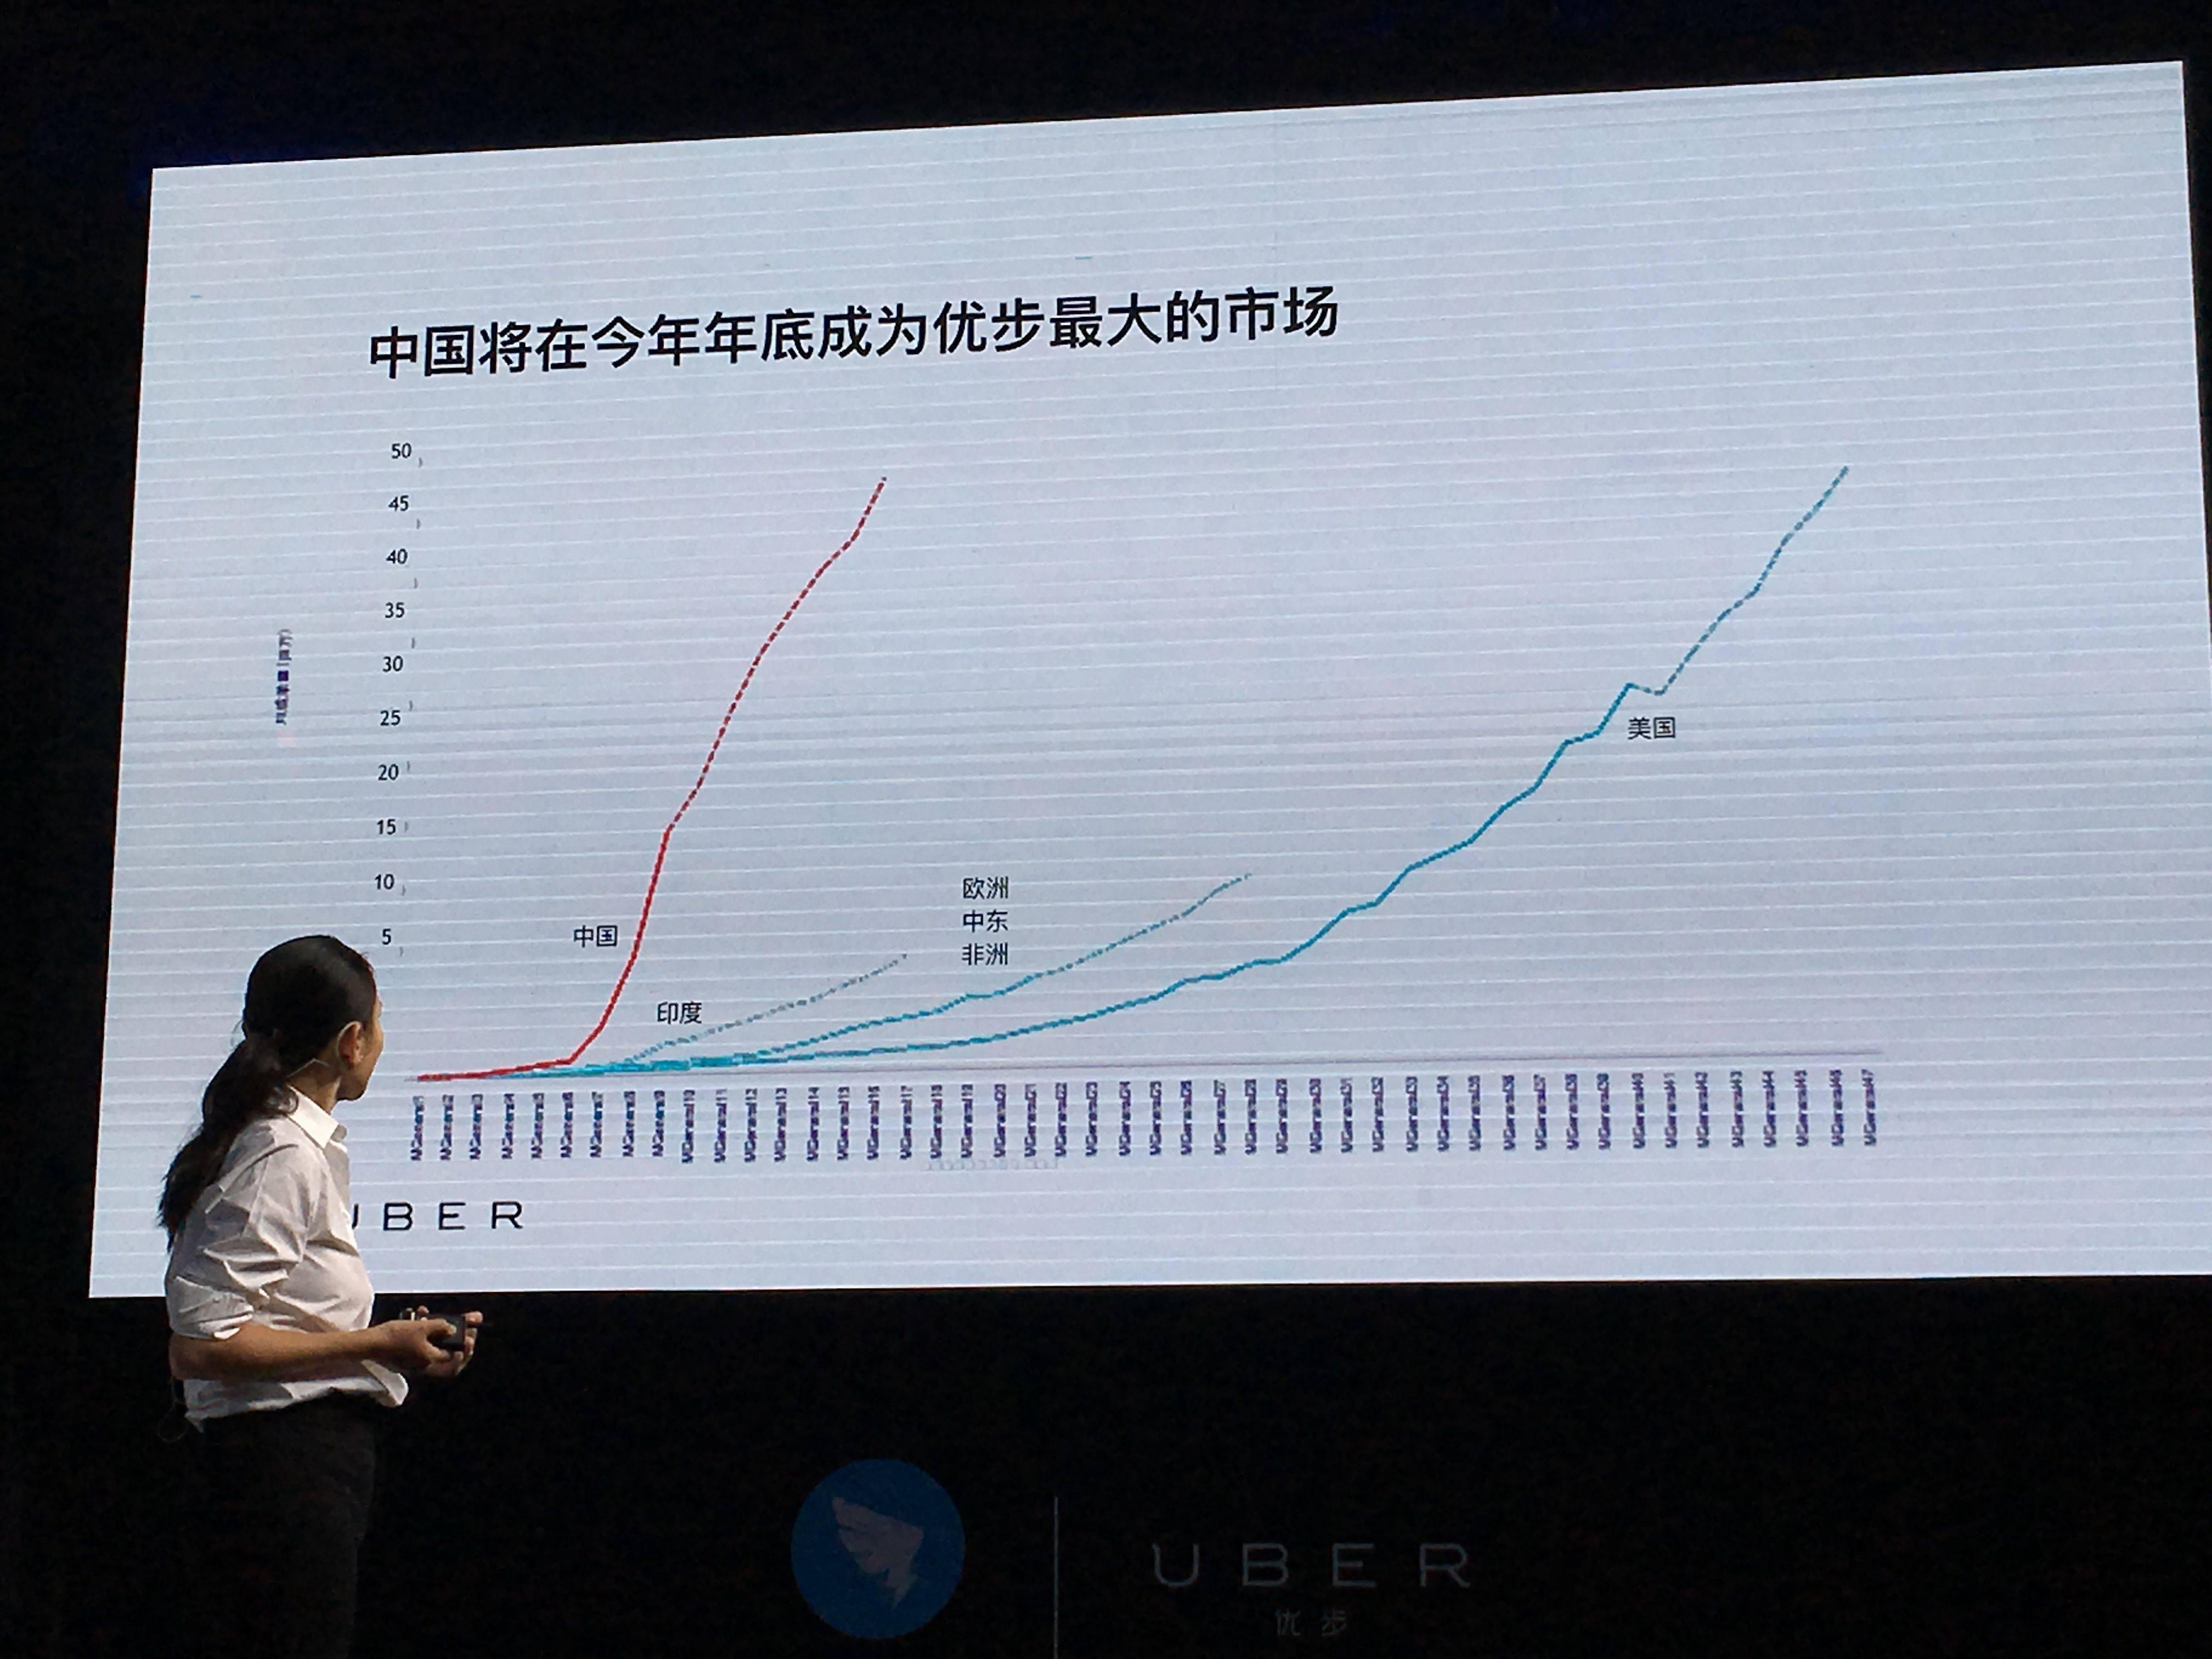 中国成为最大市场.JPG